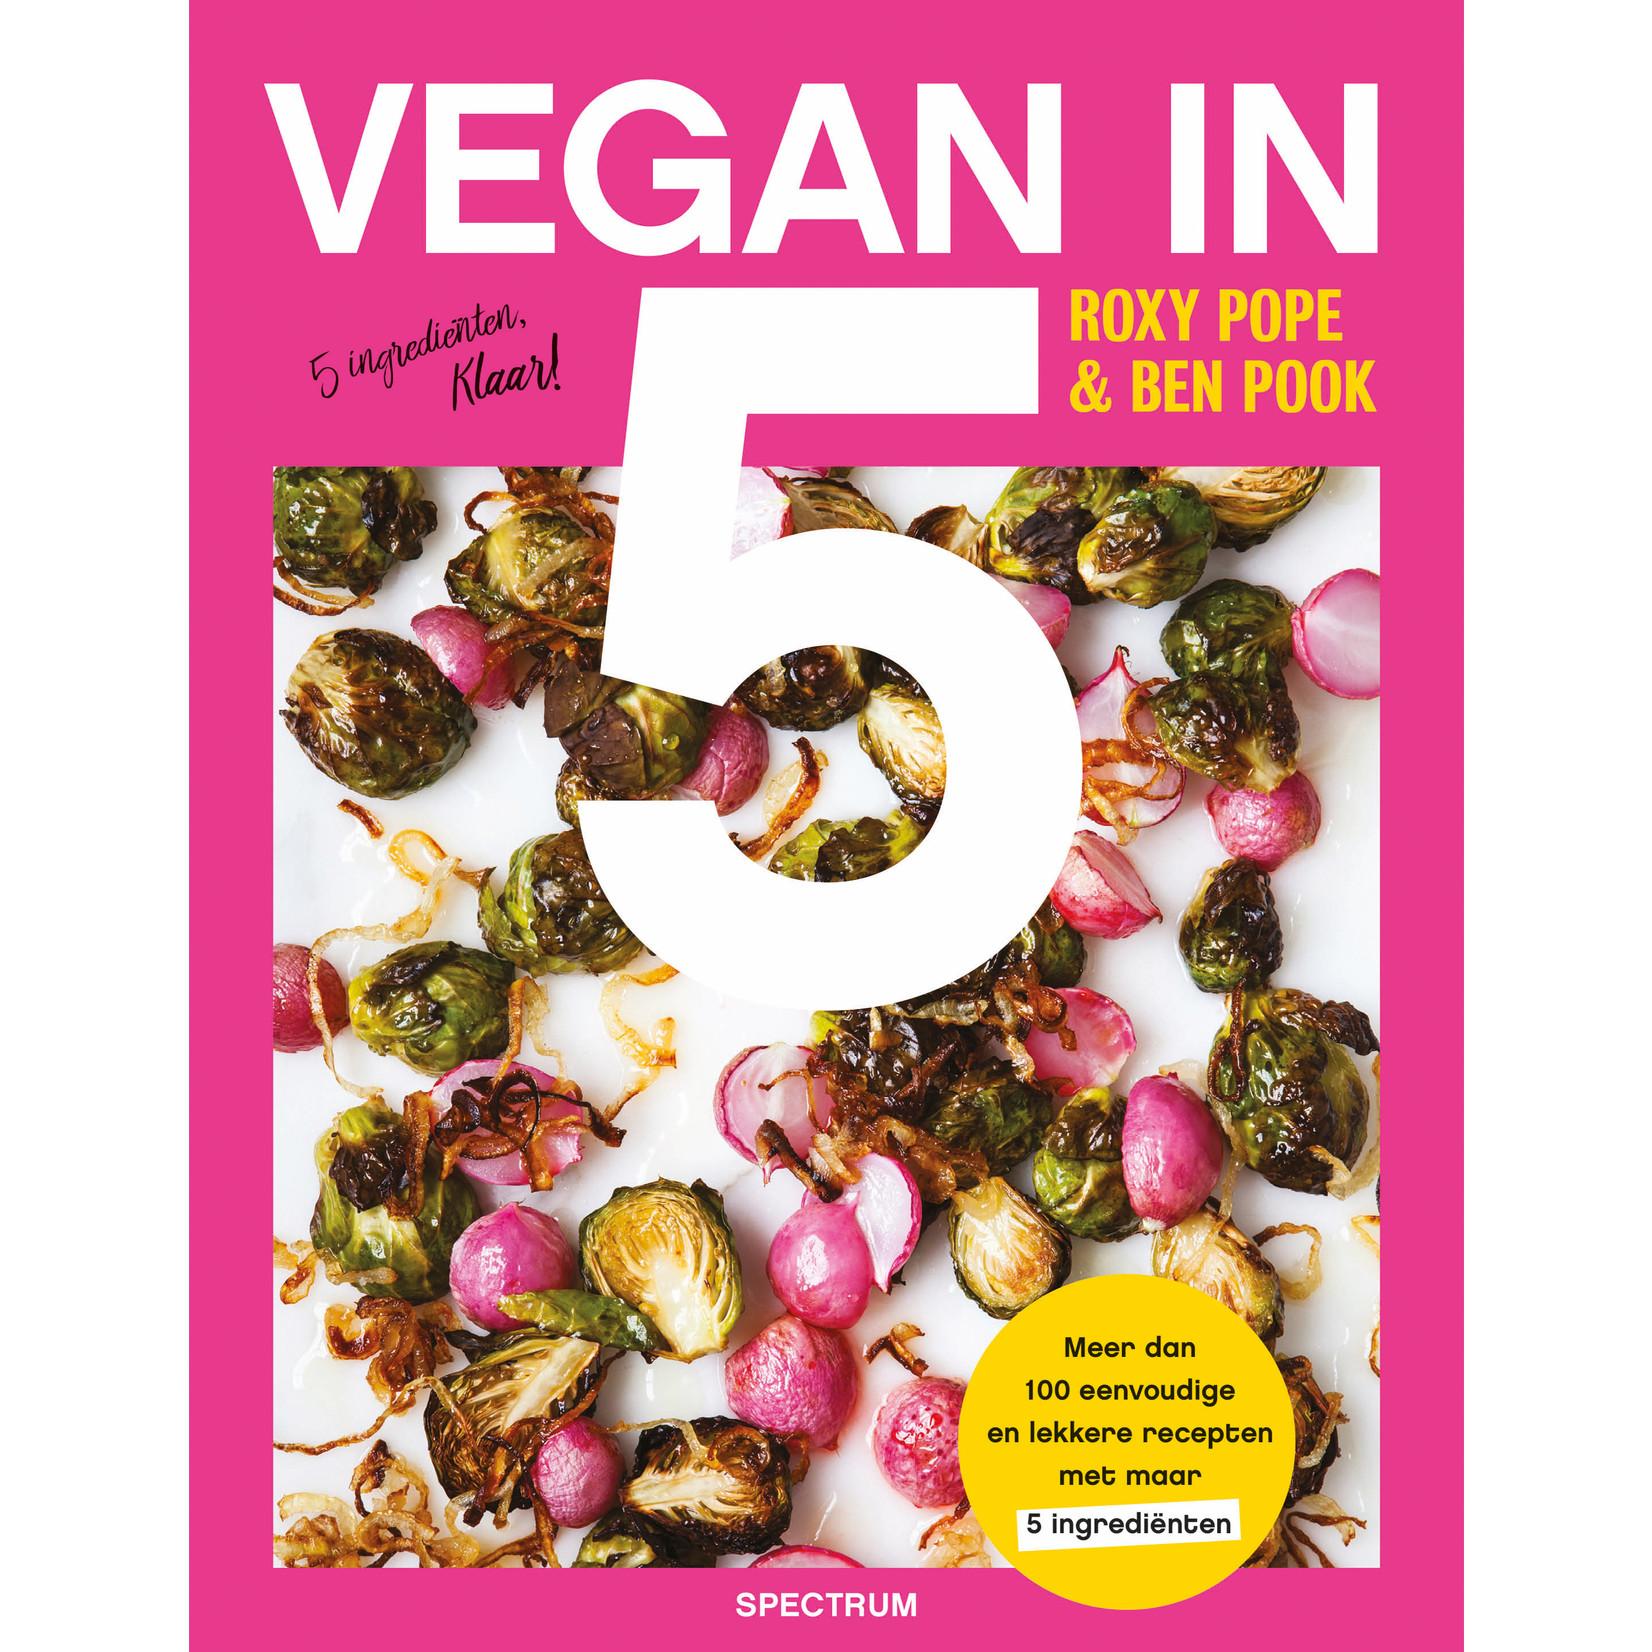 Vegan in 5 kookboek